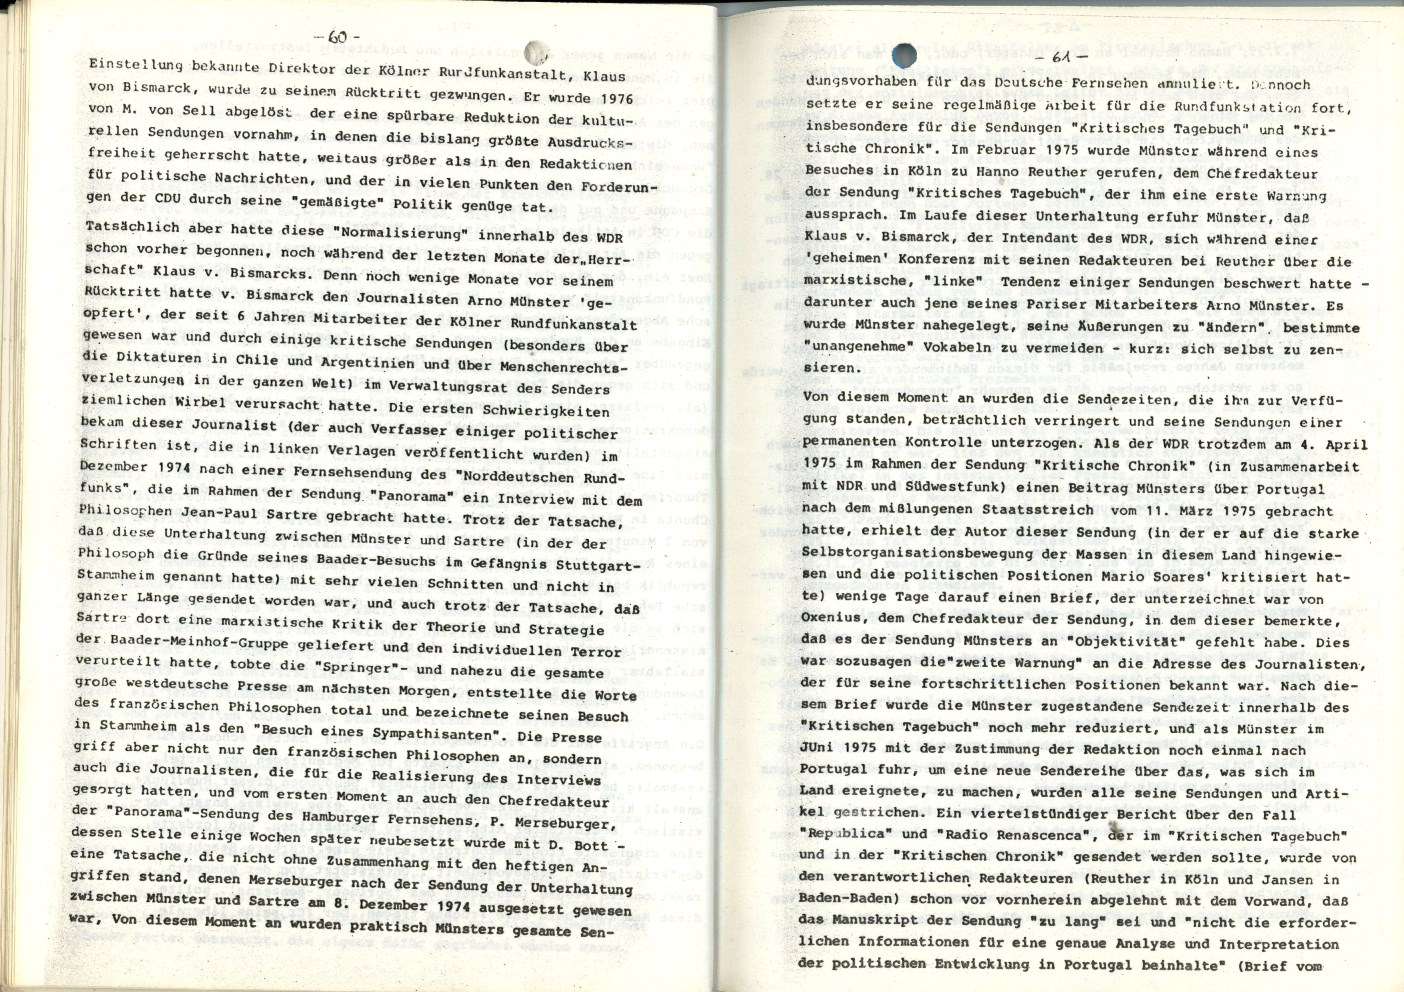 Hamburg_Vorbereitungsgruppe_Russell_Tribunal_Zensur_1978_31